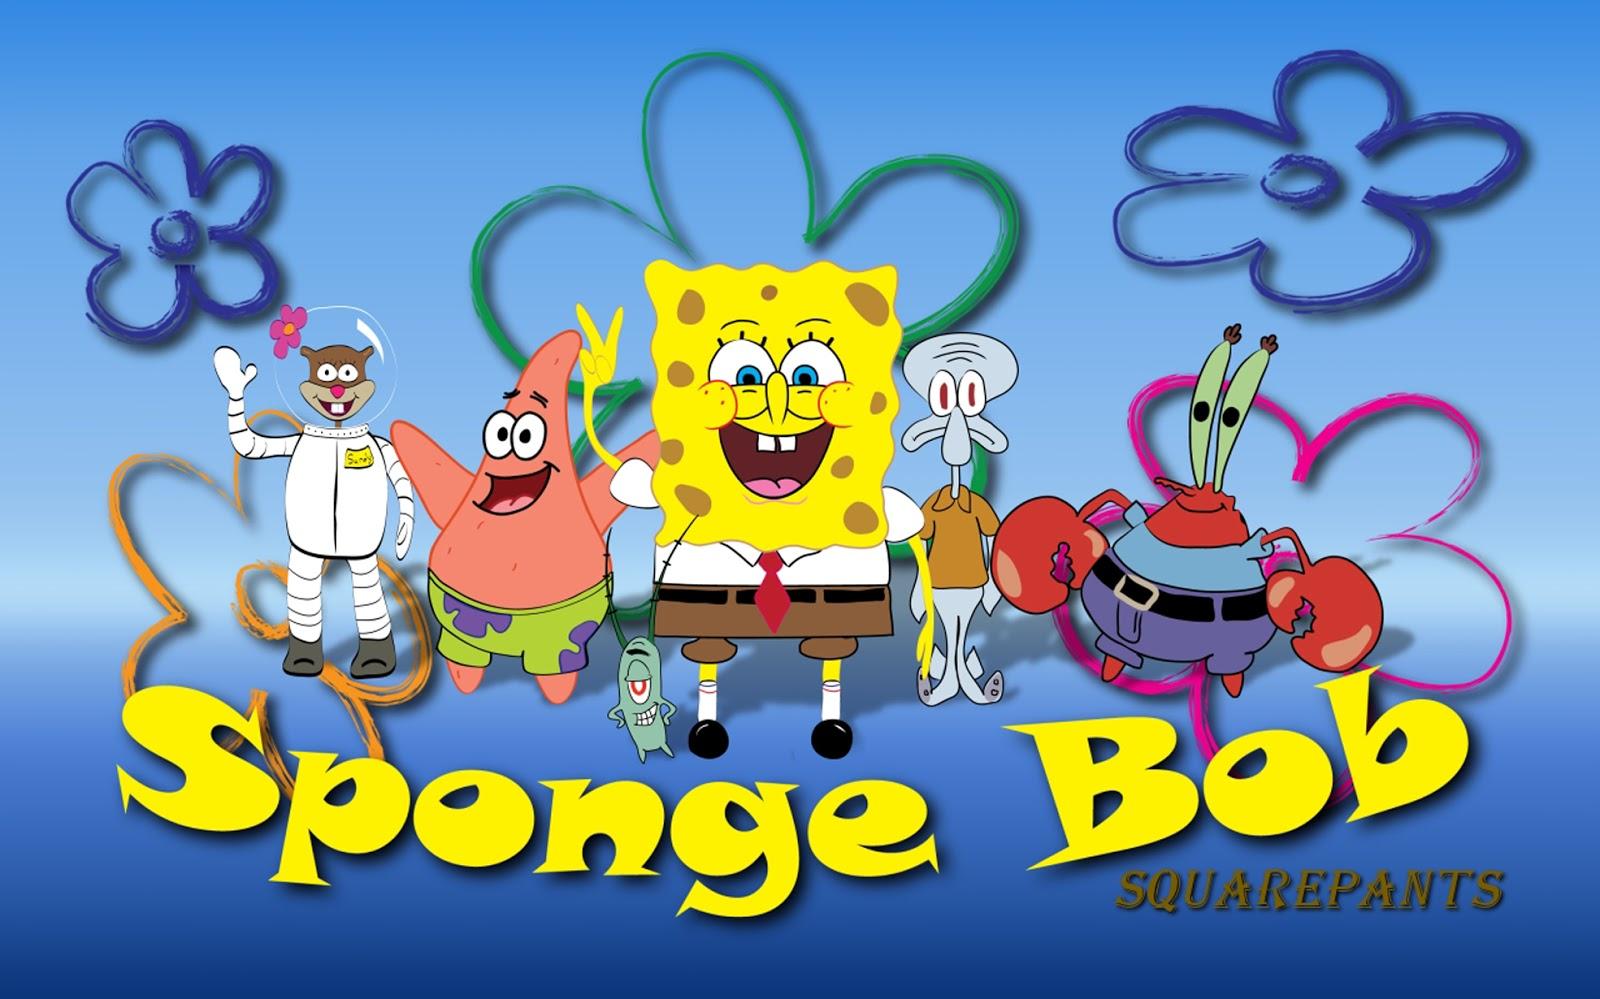 Yellow Spongebob Background Wallpaper Spongebob Wallpapers Hd